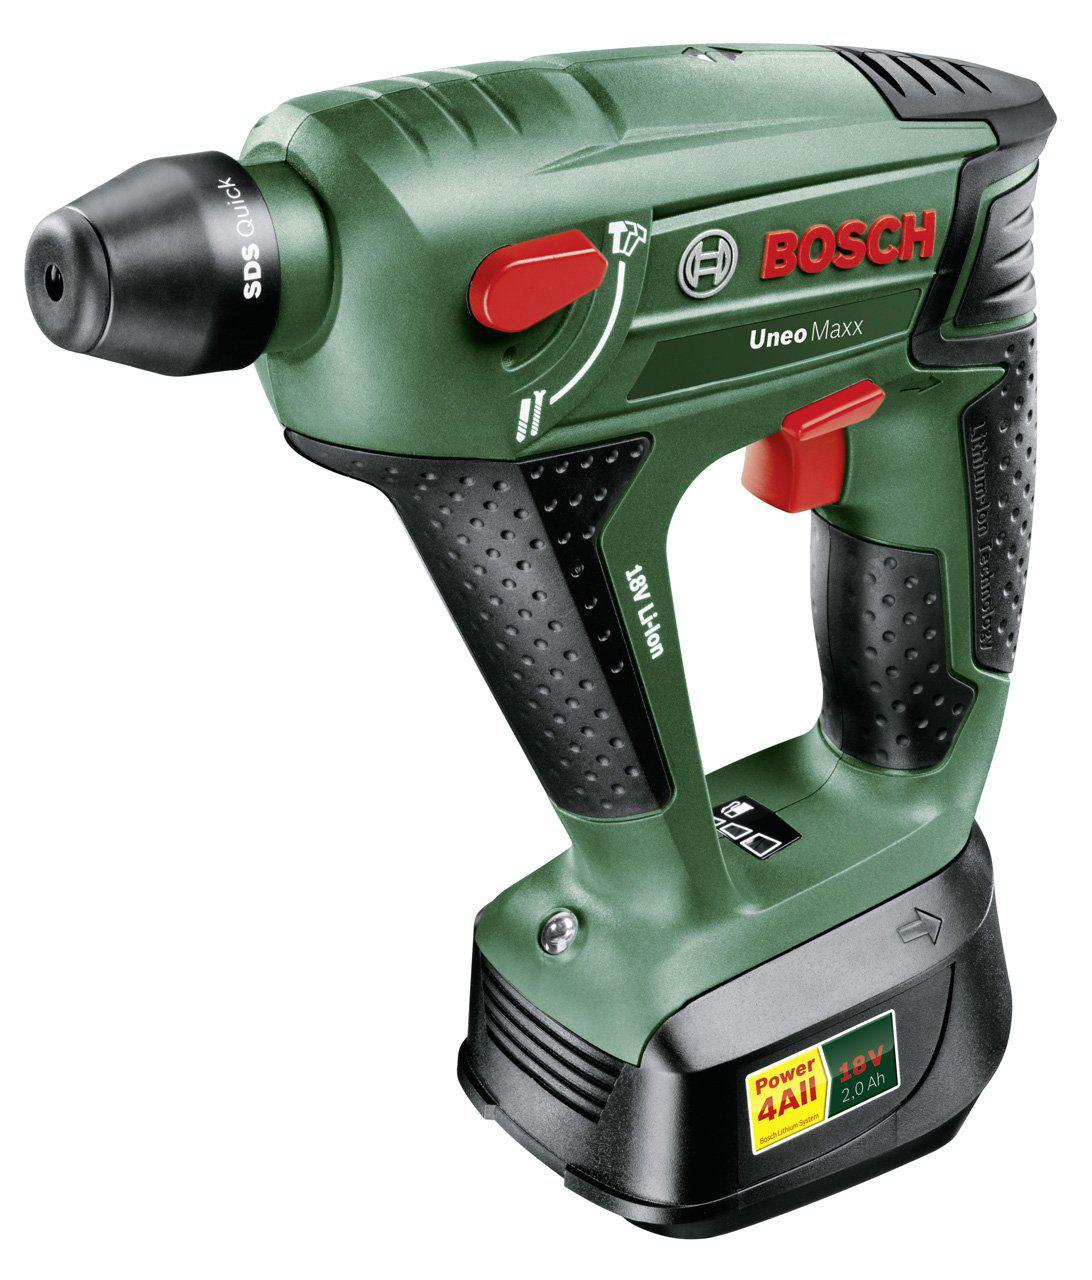 """Perforateur """"Expert"""" sans fil Bosch Uneo Maxx avec coffret, batterie et chargeur"""